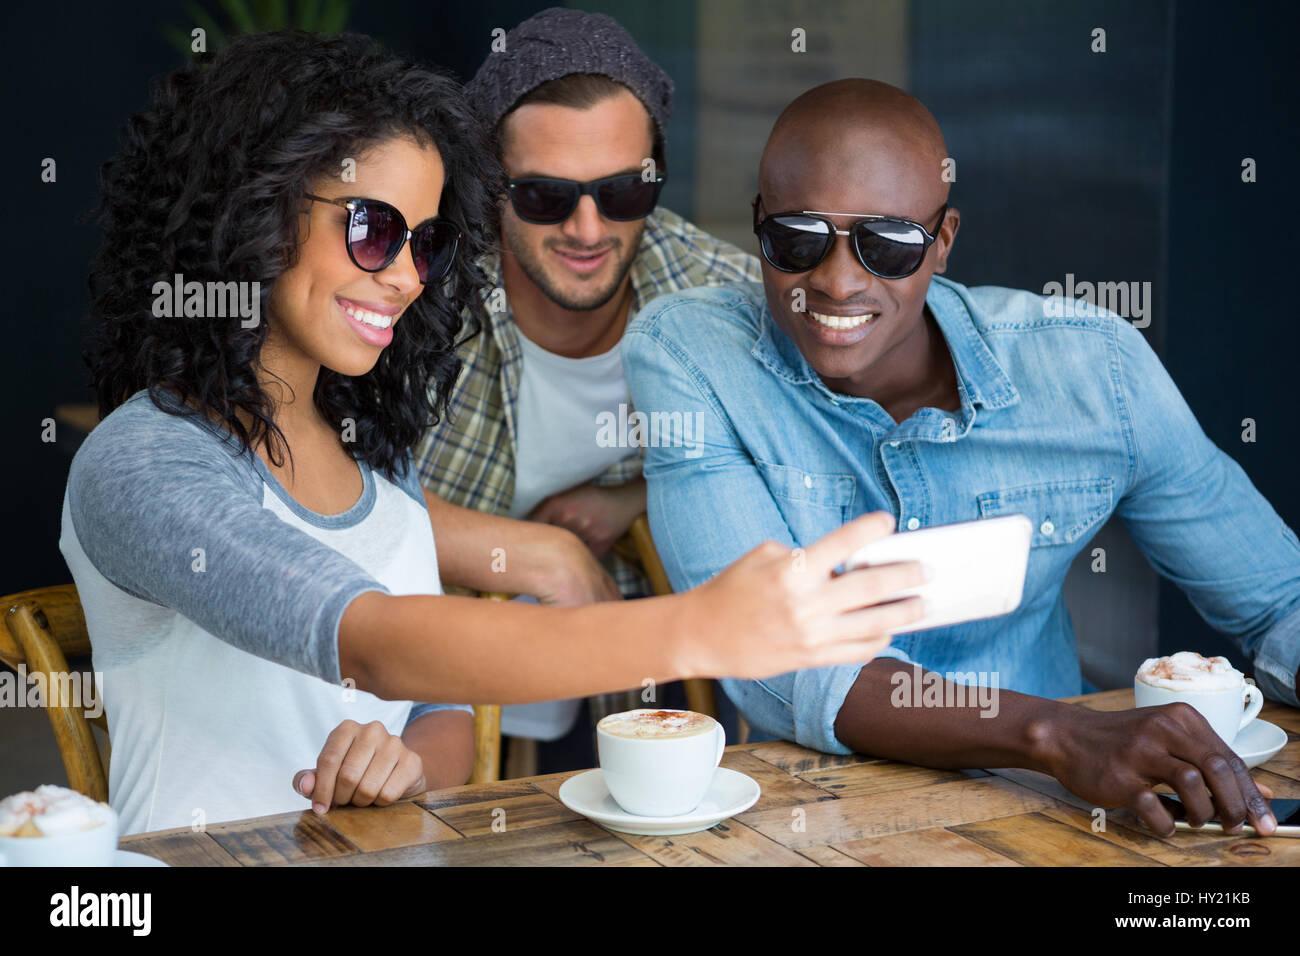 Happy multi ethnic friends portant des lunettes de soleil tout en prenant un café en selfies Photo Stock